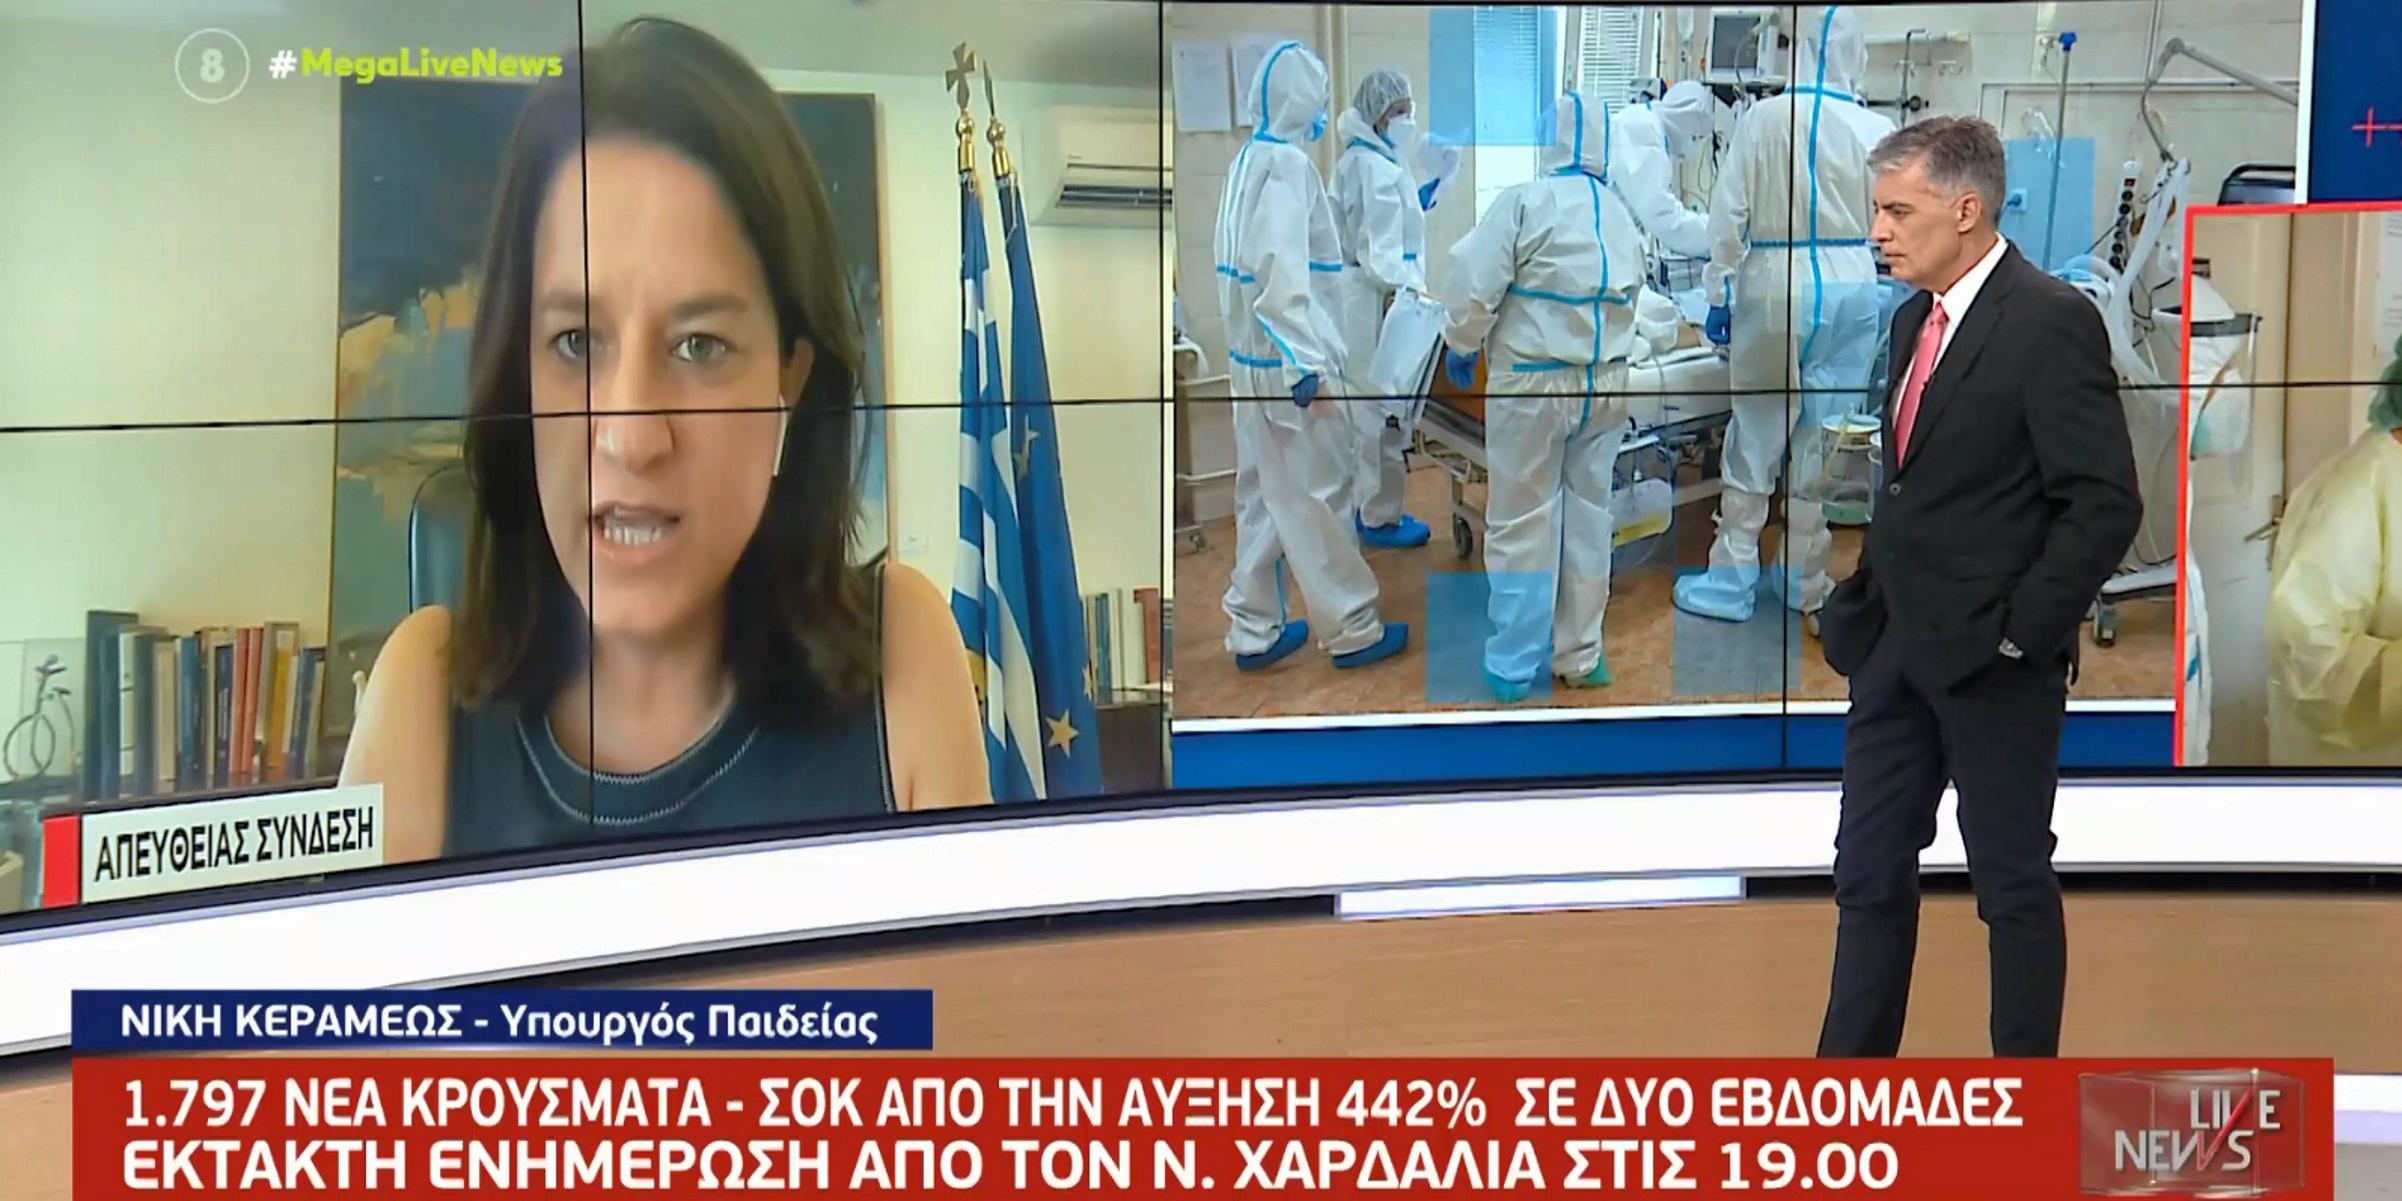 Κορονοϊός – Νίκη Κεραμέως: Να εμβολιαστούν όλοι οι πολίτες η μόνη λύση